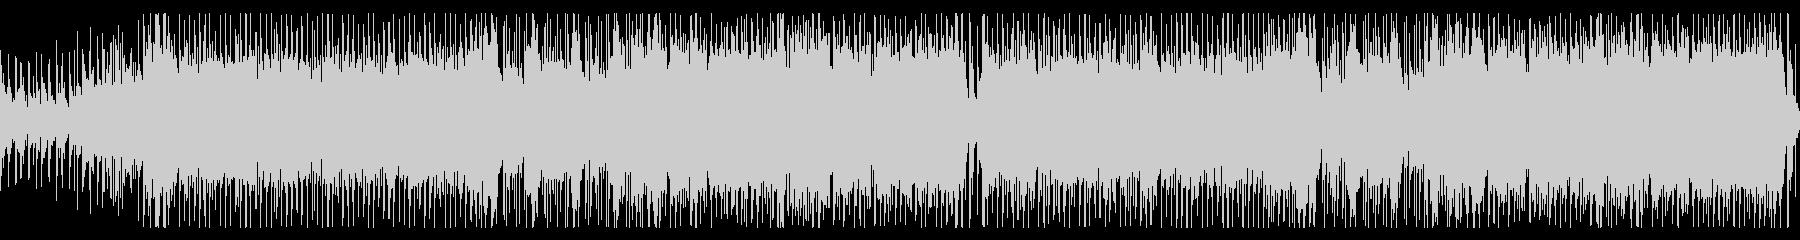 【ループ版】和風ロック壮大なメロ…の未再生の波形